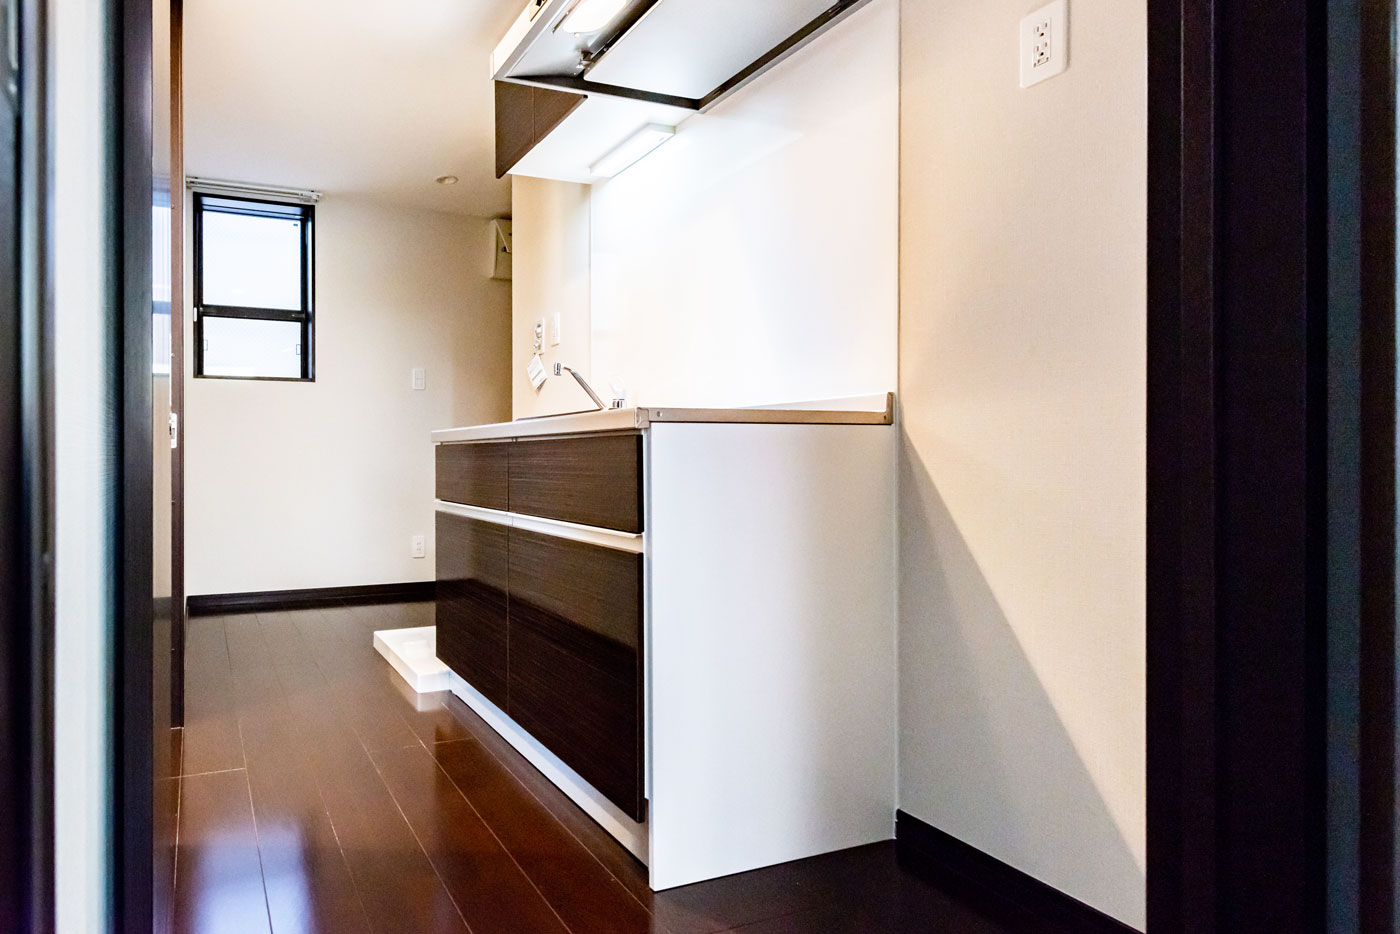 403-4 キッチン(2階4階Cタイプ共通)